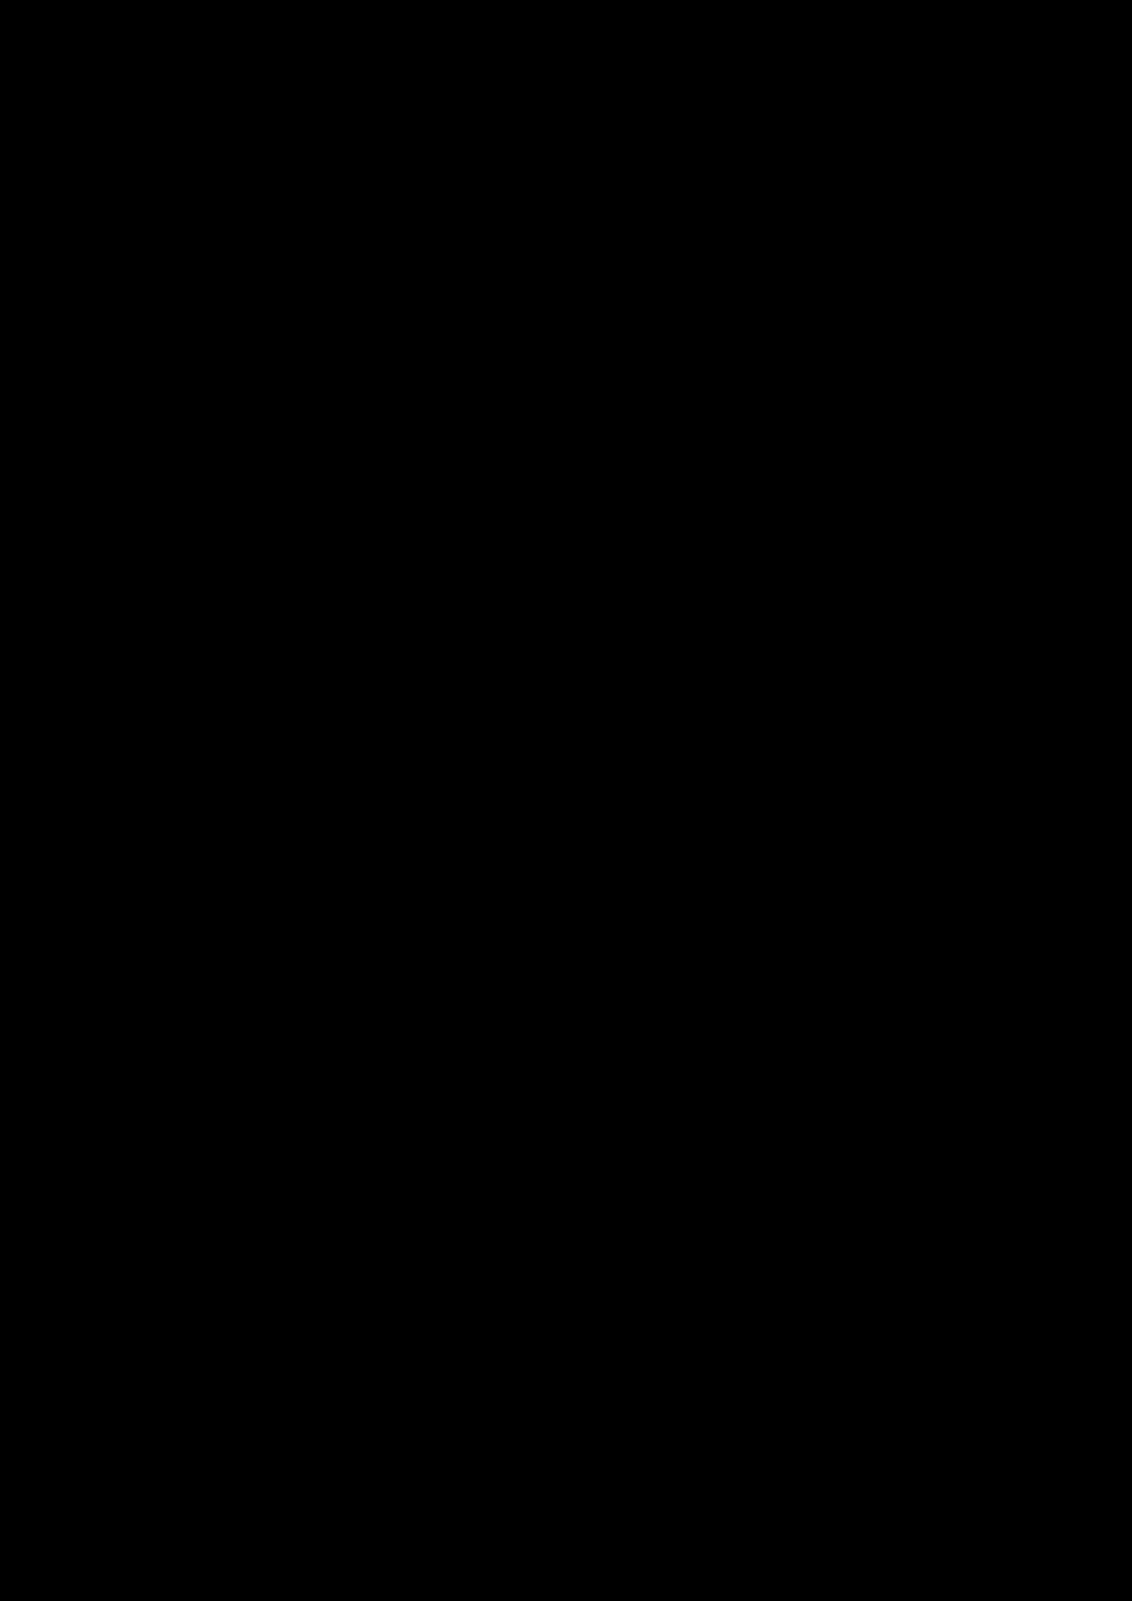 Zagadka volshebnoy stranyi slide, Image 30